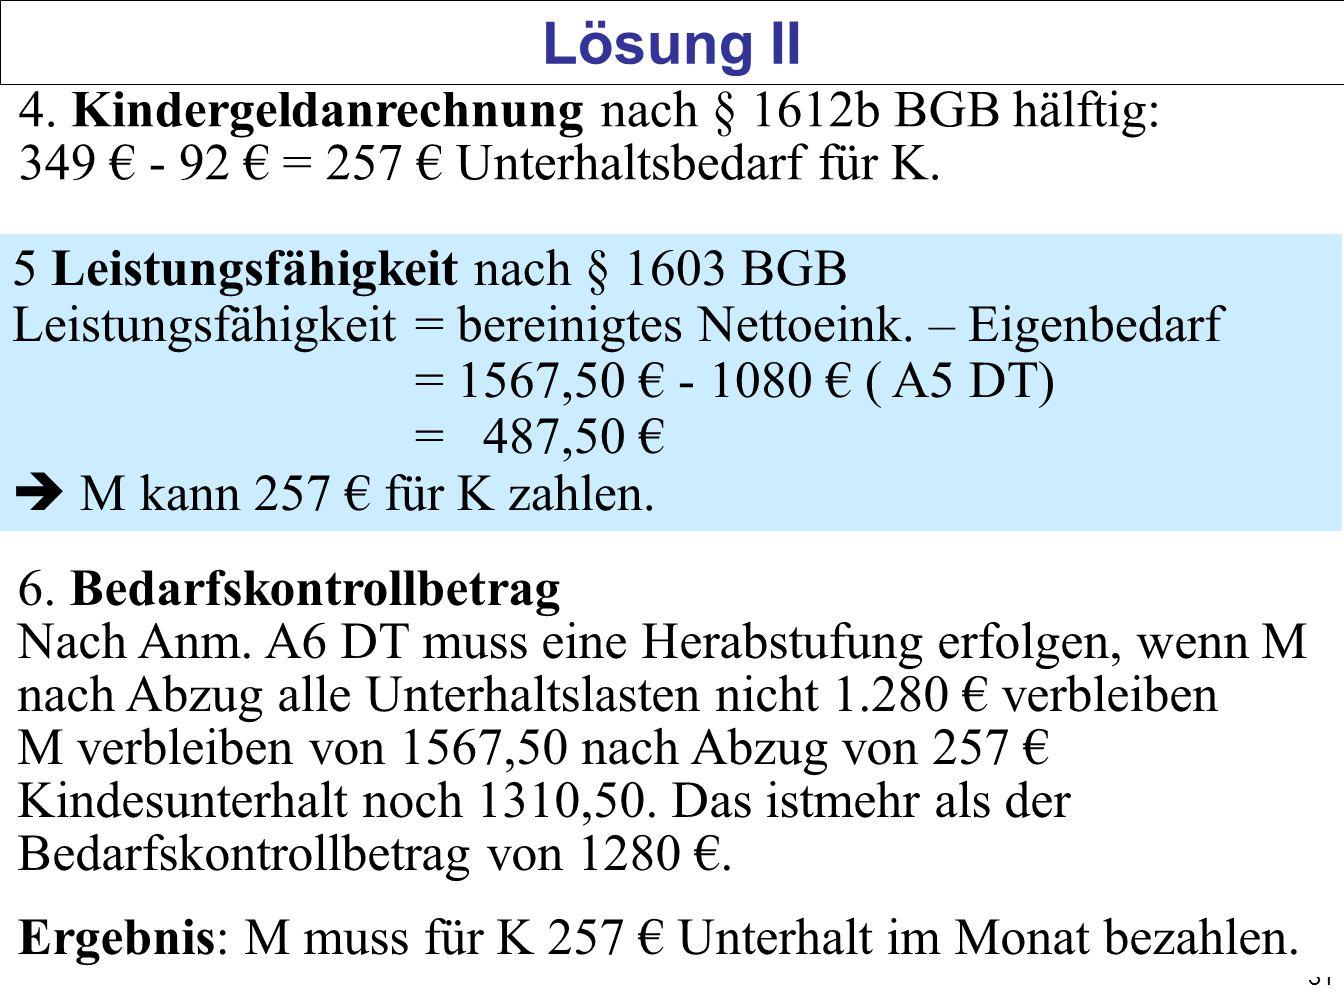 Lösung II 4. Kindergeldanrechnung nach § 1612b BGB hälftig: 349 € - 92 € = 257 € Unterhaltsbedarf für K.